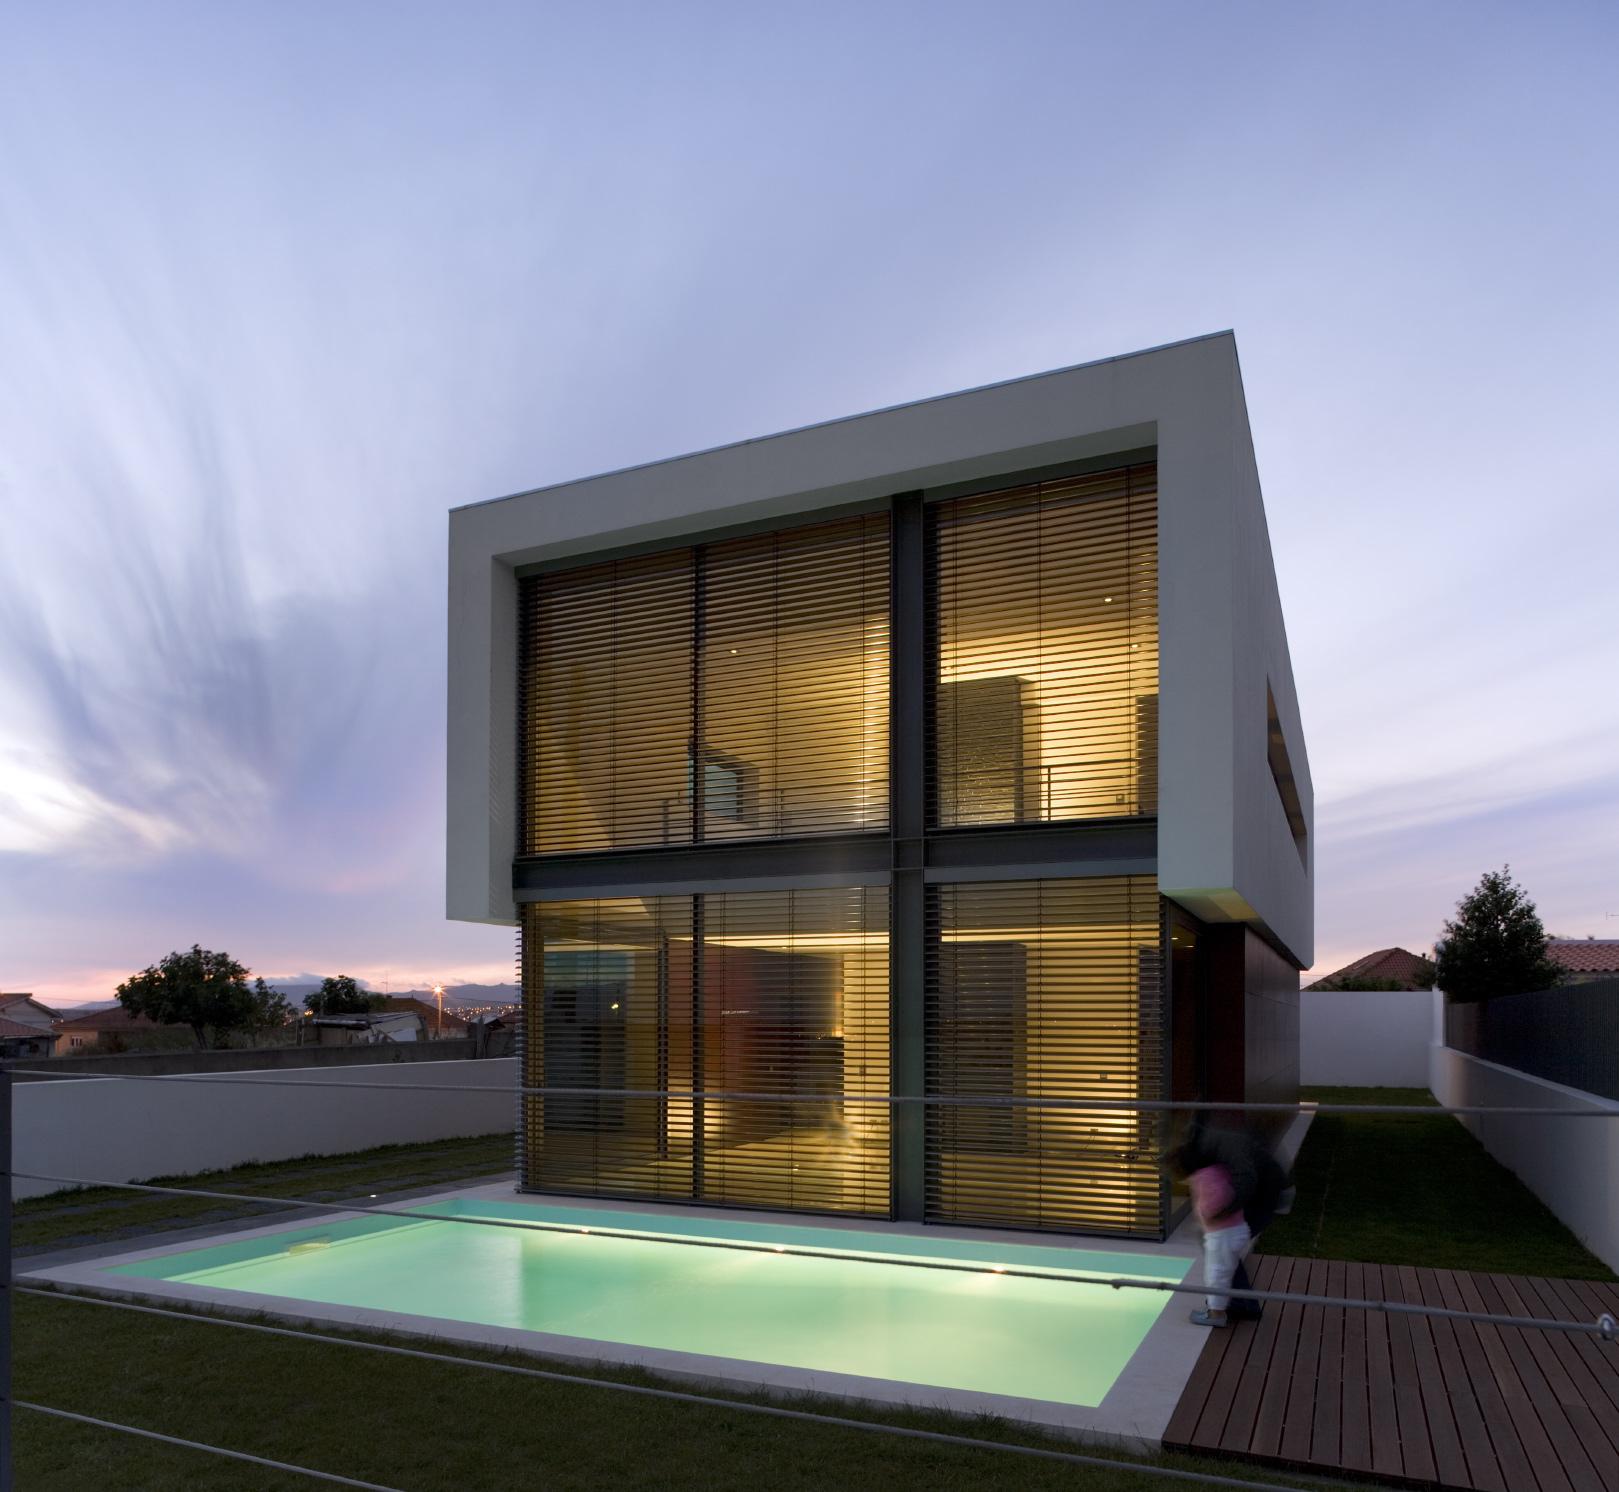 DT House / Jorge Graca Costa, © FG + SG © Fernando Guerra